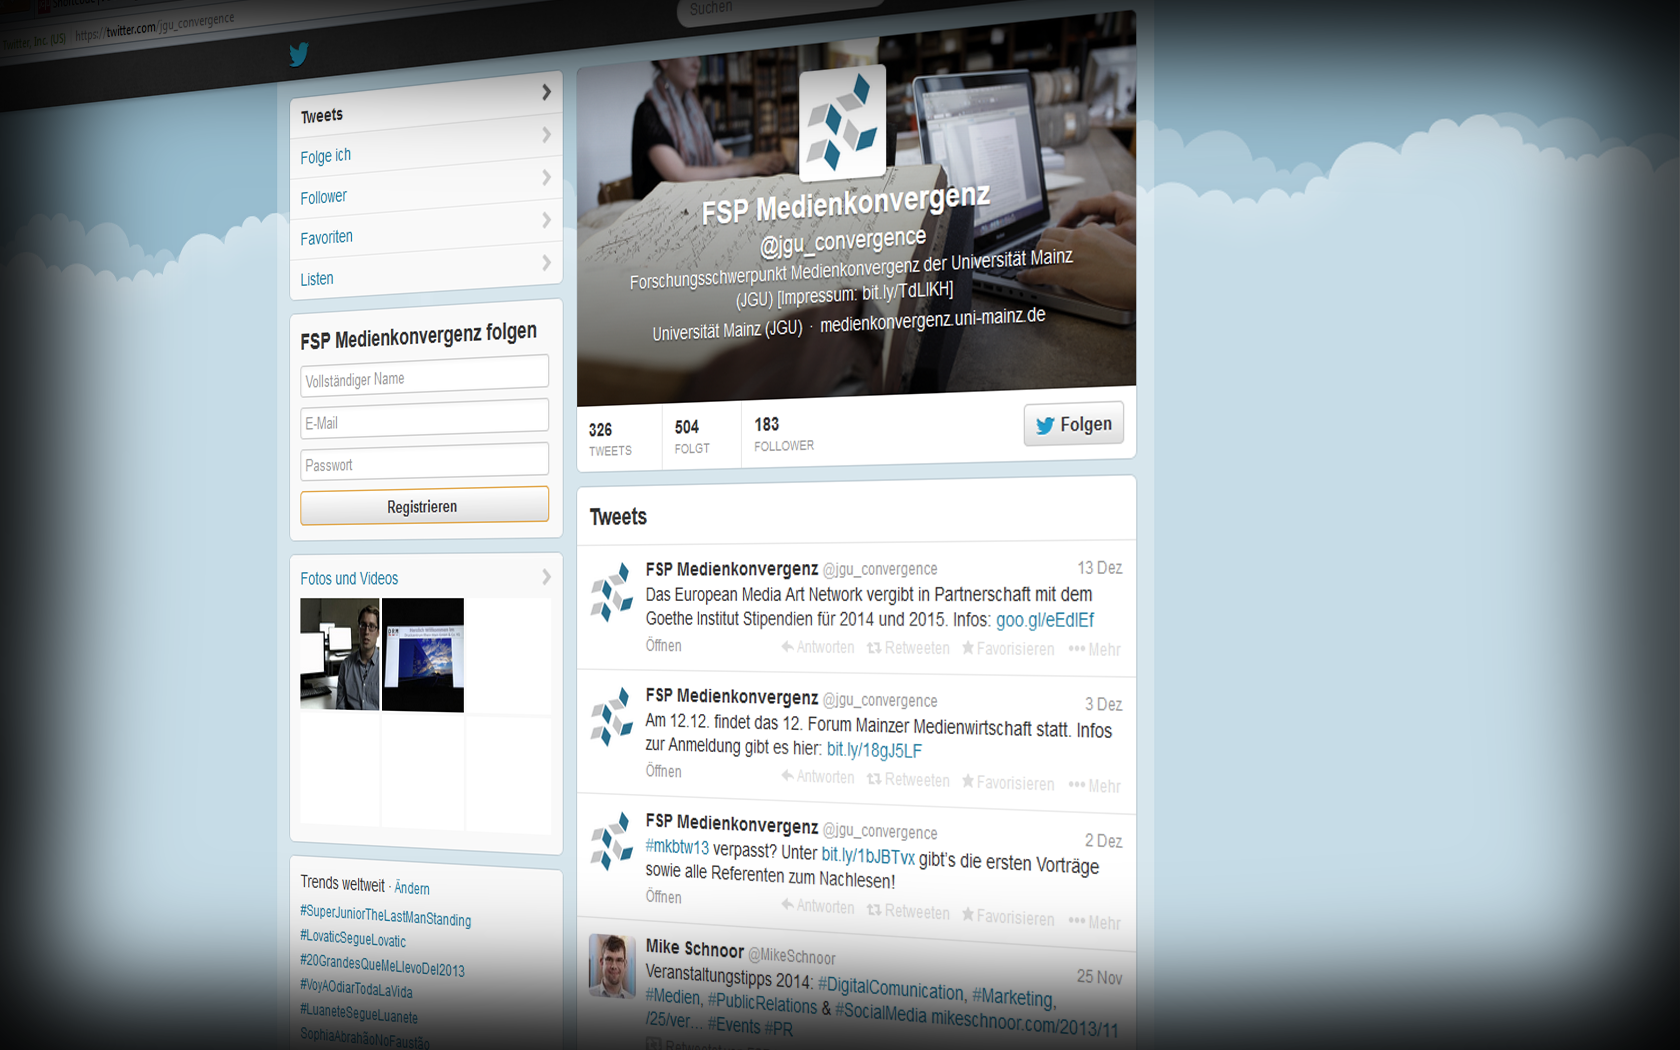 TWITTER: Forschungsschwerpunkt Medienkonvergenz auf Twitter folgen